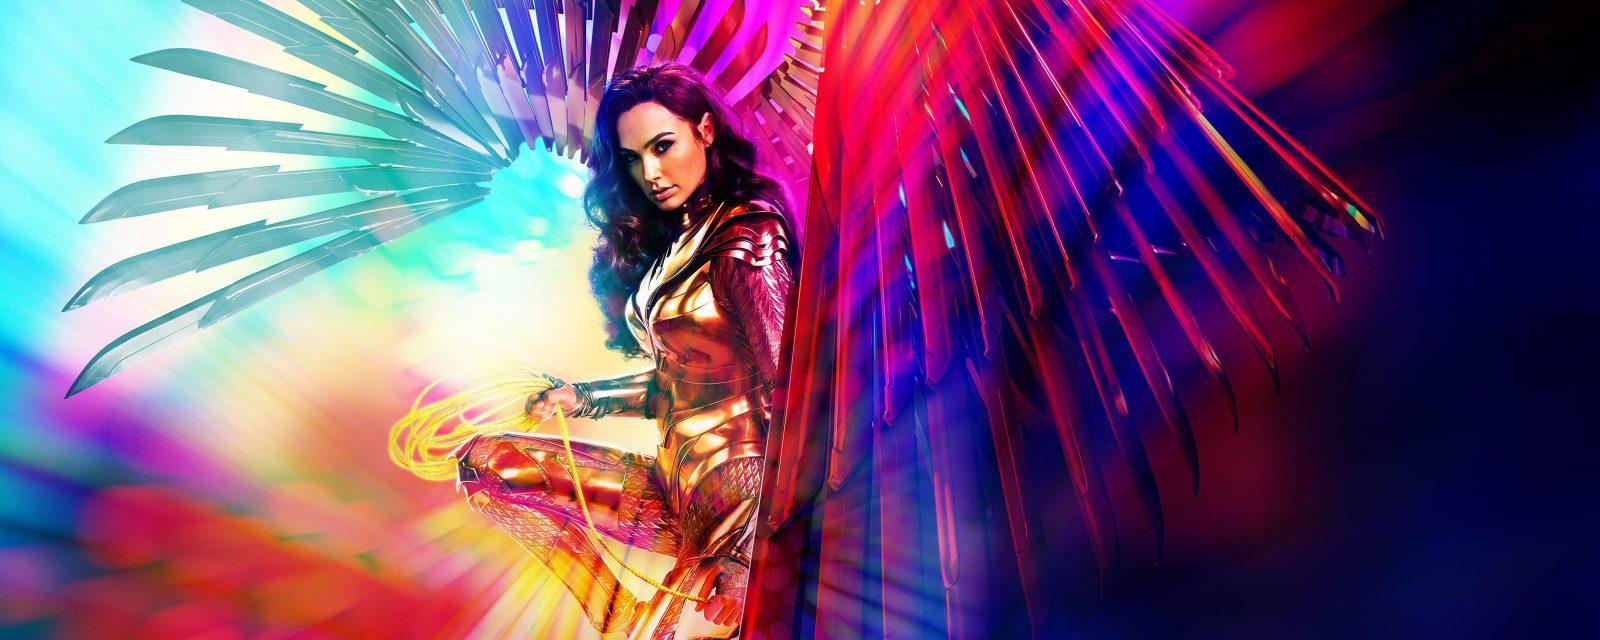 Warner Bros. снова переносит премьеры своих фильмов